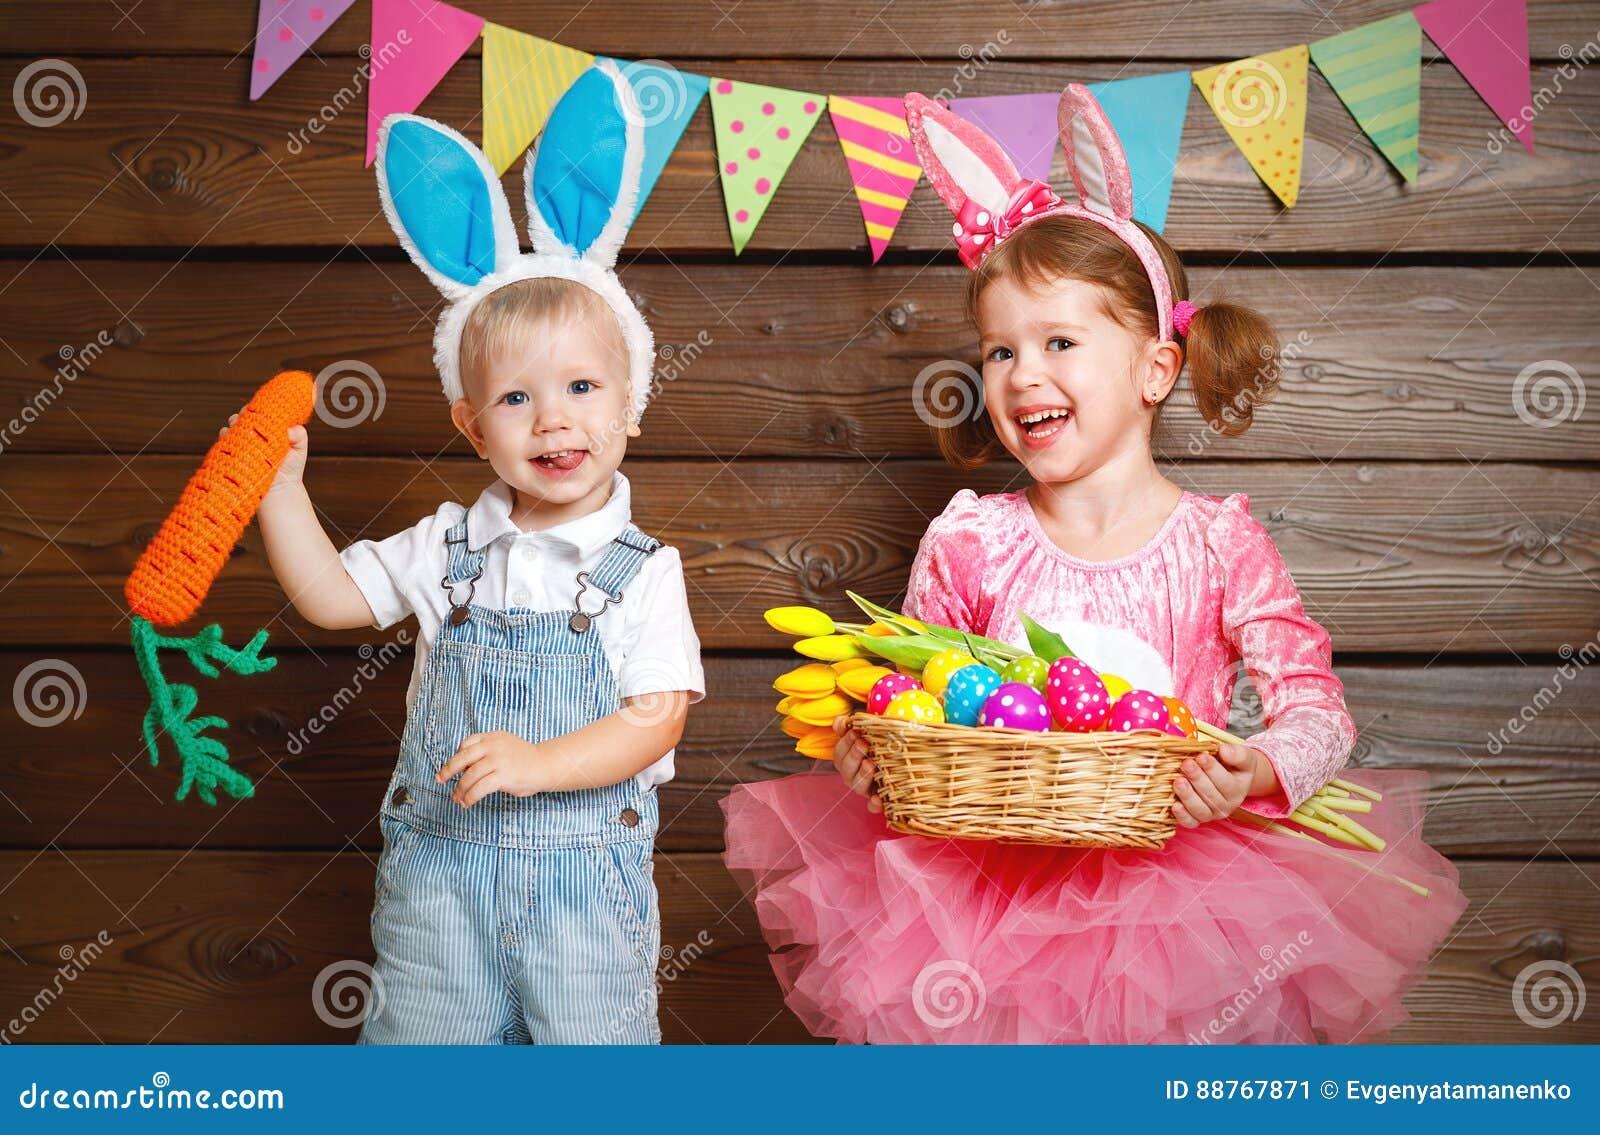 Glückliche Kinder Junge Und Mädchen Gekleidet Als Osterhasen Mit ...